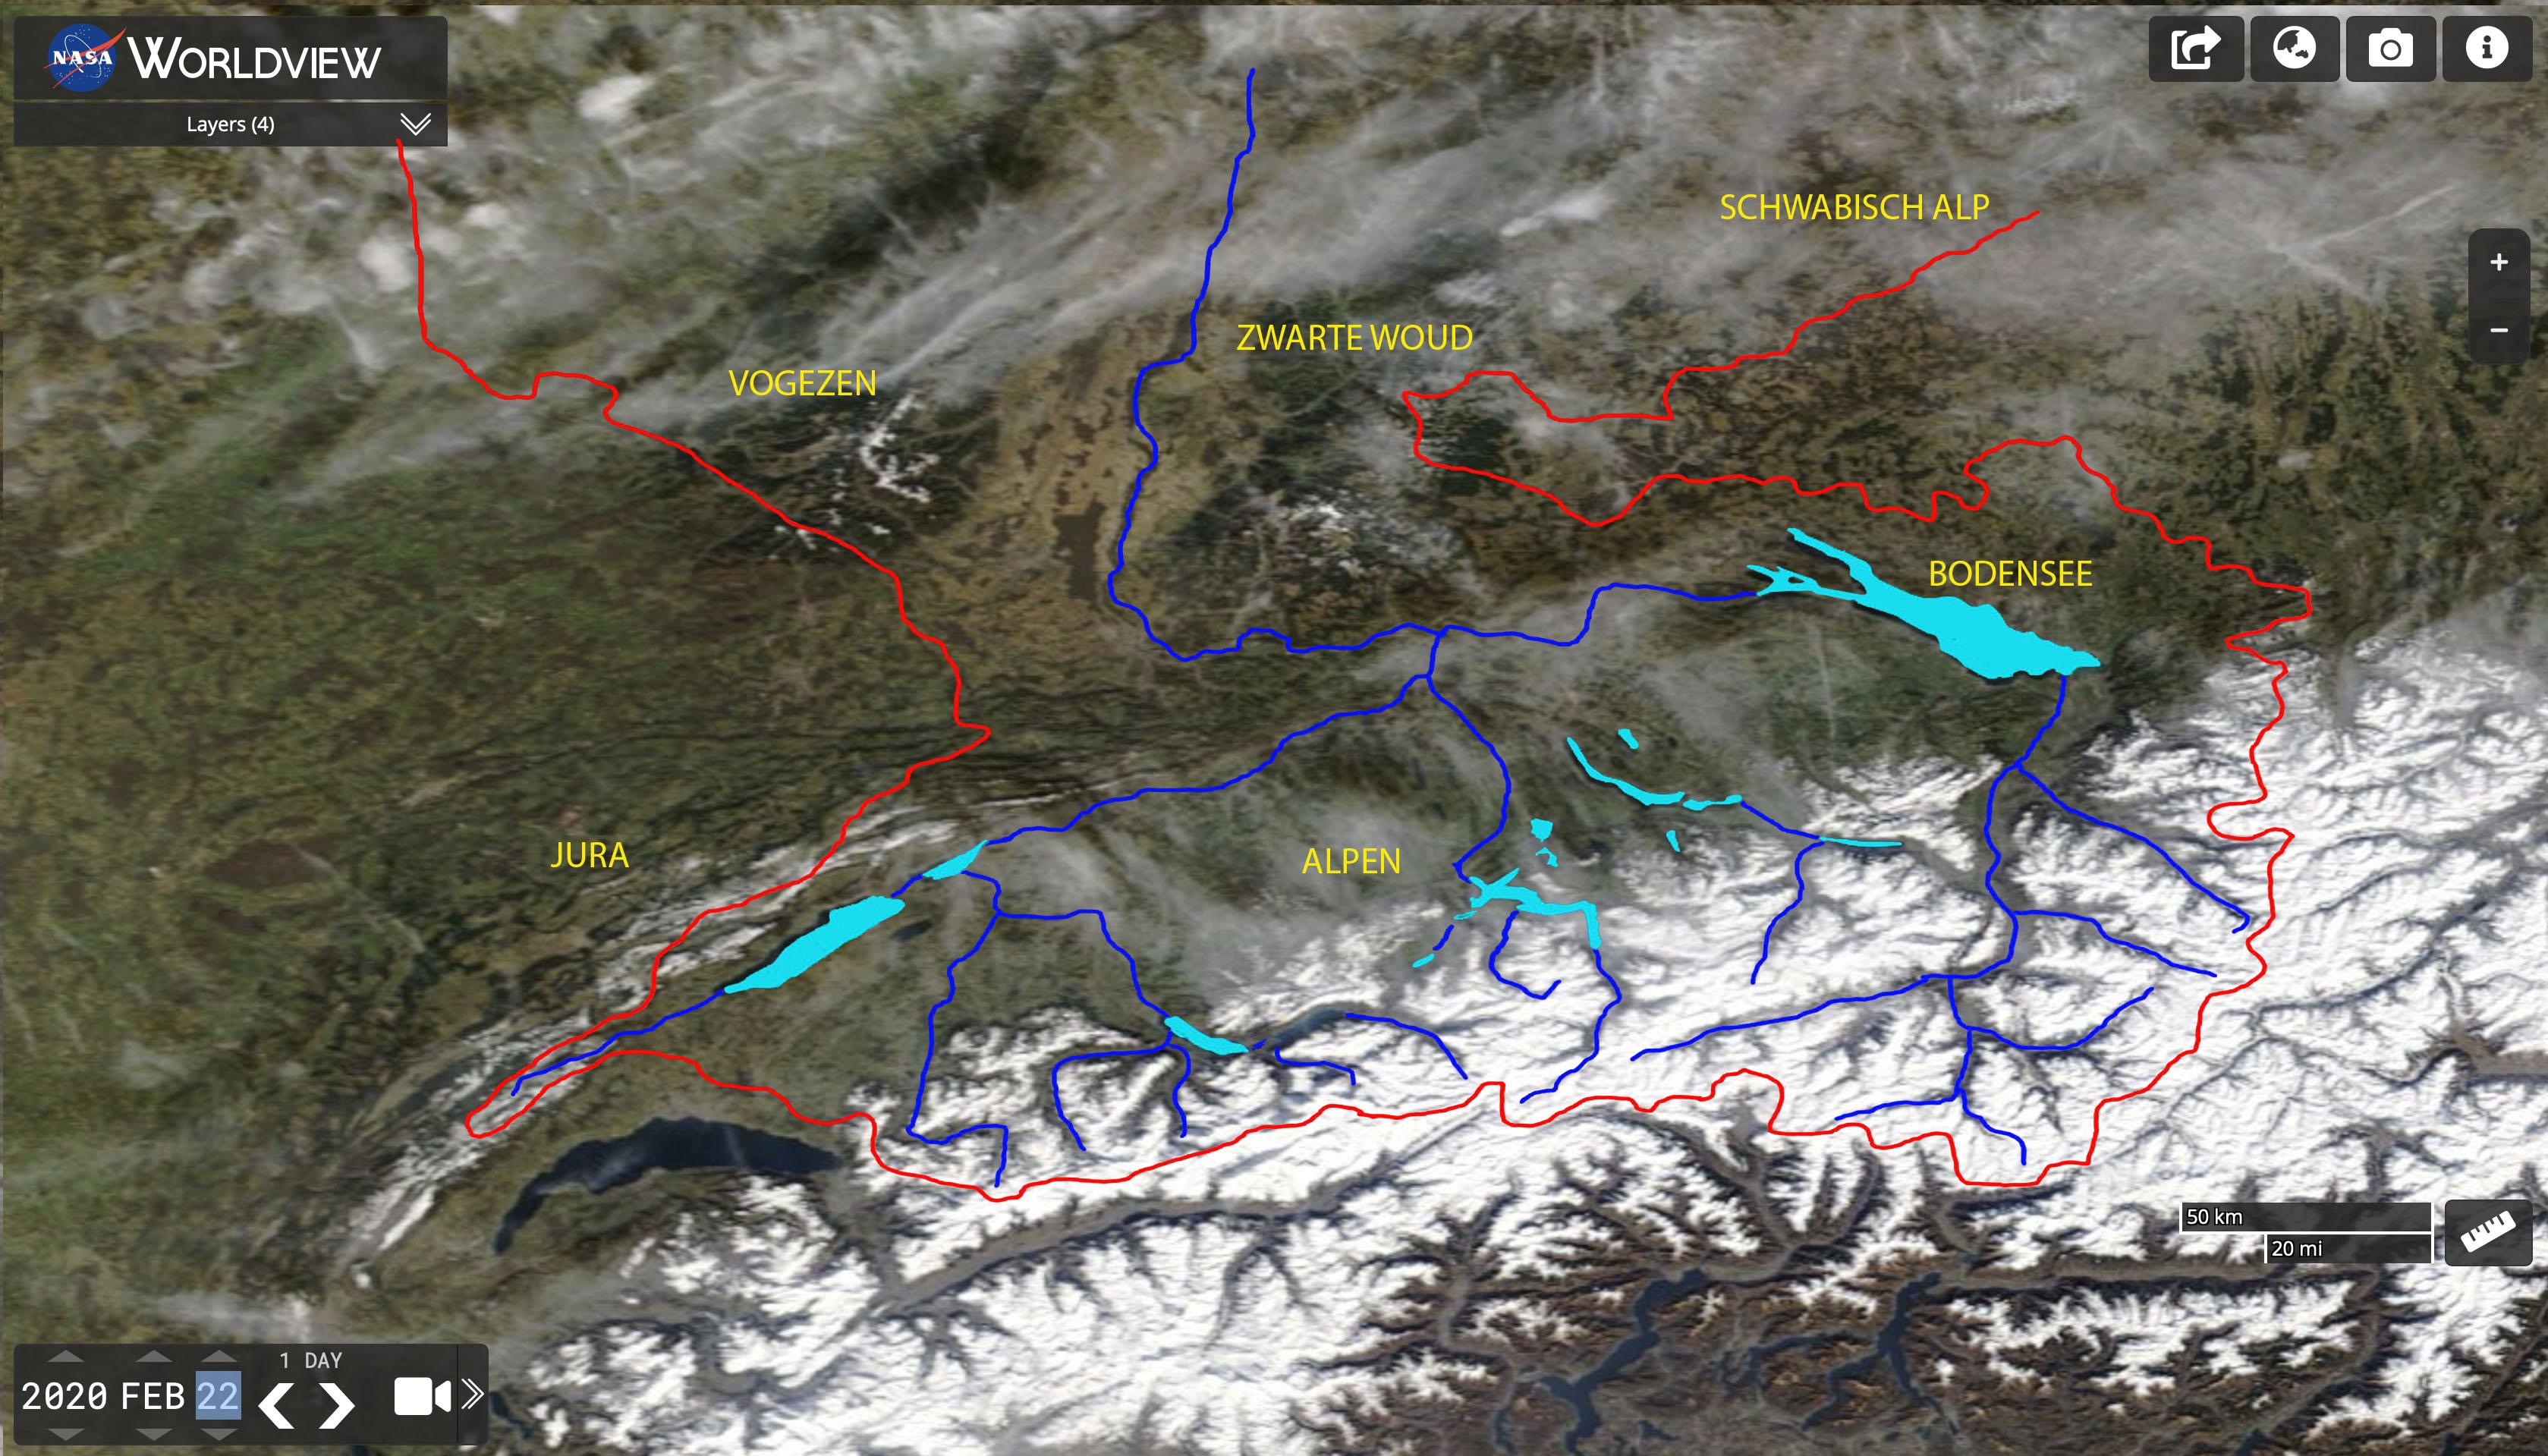 Satellietfoto van de Alpen van 22 feb 2020 met daarop aangegeven de begrenzing van het stroomgebied van de Rijn (rode lijn)